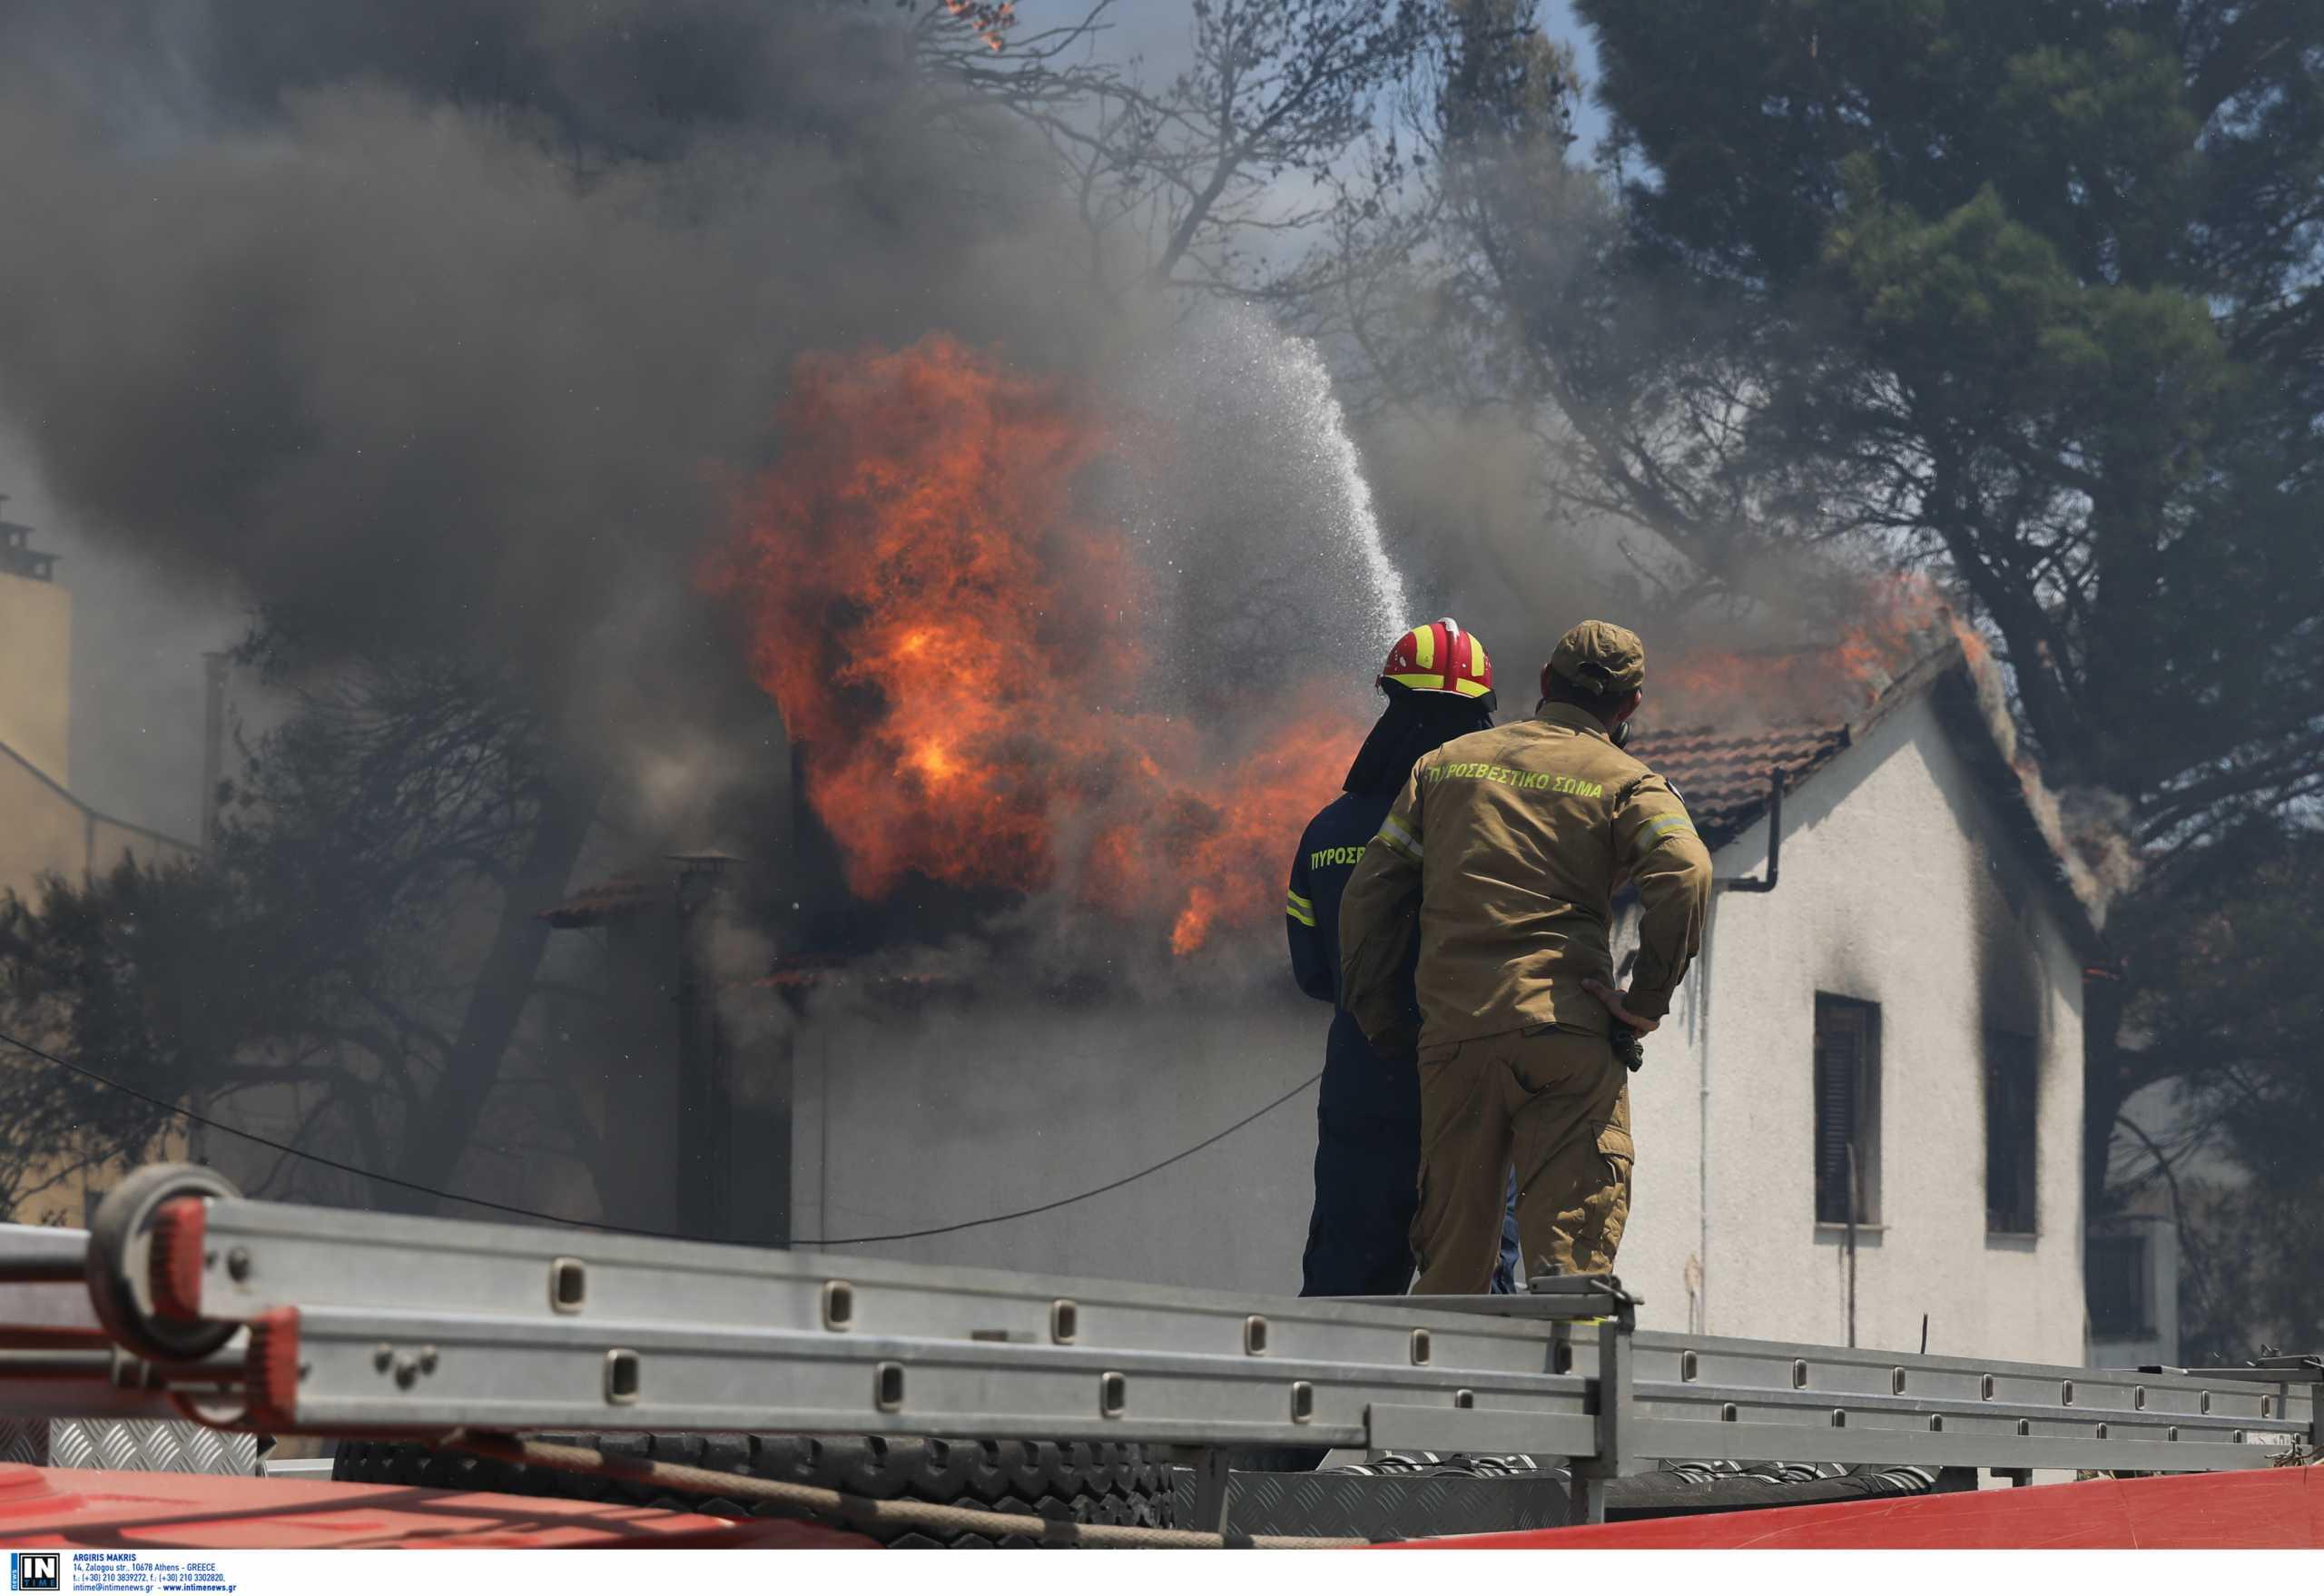 Φωτιά στην Αττική: «Πολιορκείται» από δύο μέτωπα η Ιπποκράτειος Πολιτεία – Εφιάλτης στο Κρυονέρι